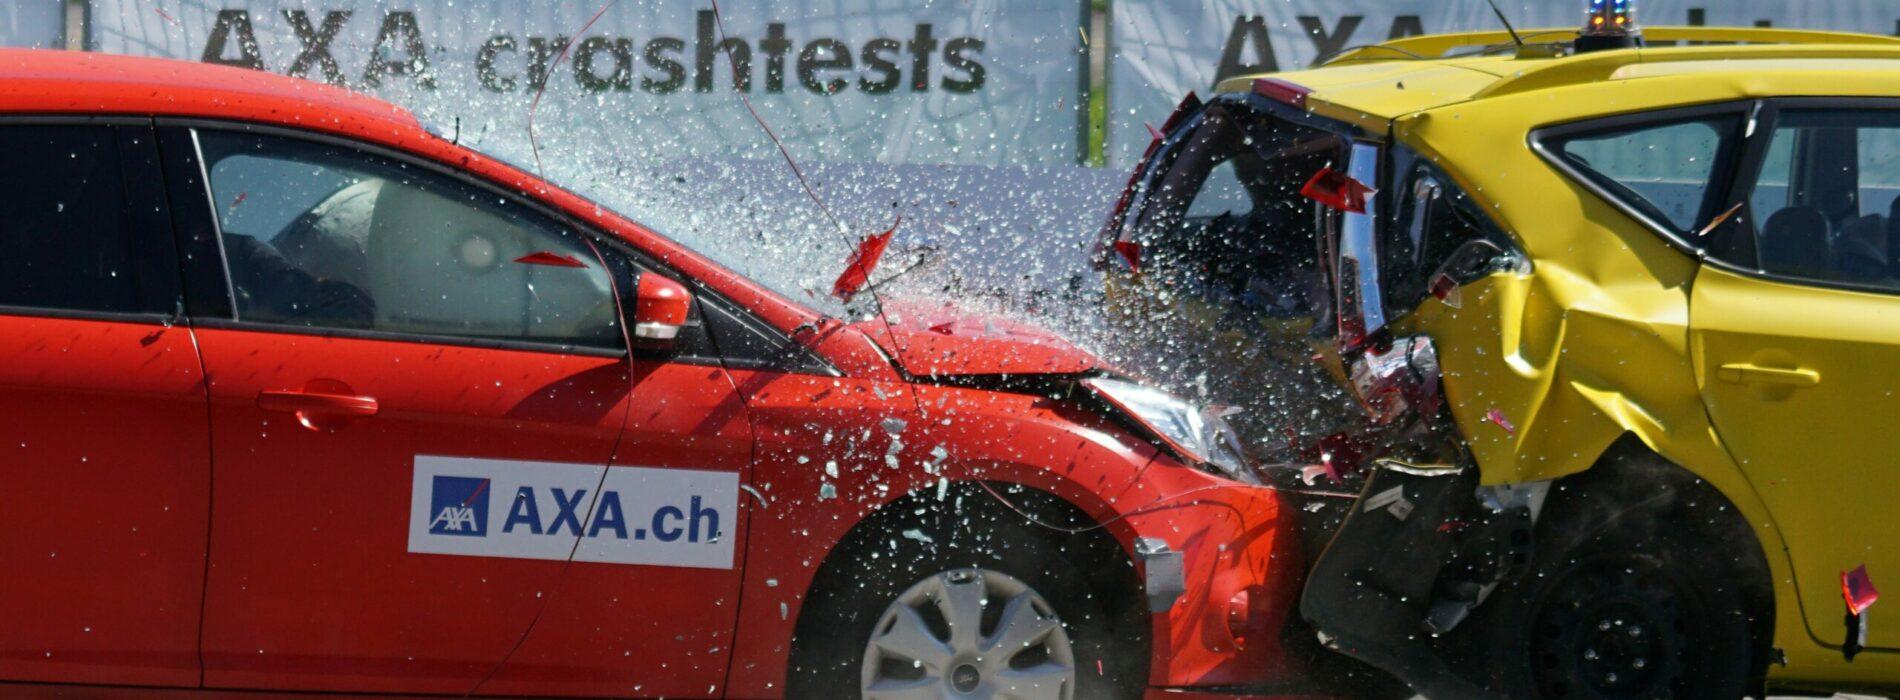 Jak długo można składać wniosek o odszkodowanie po wypadku?